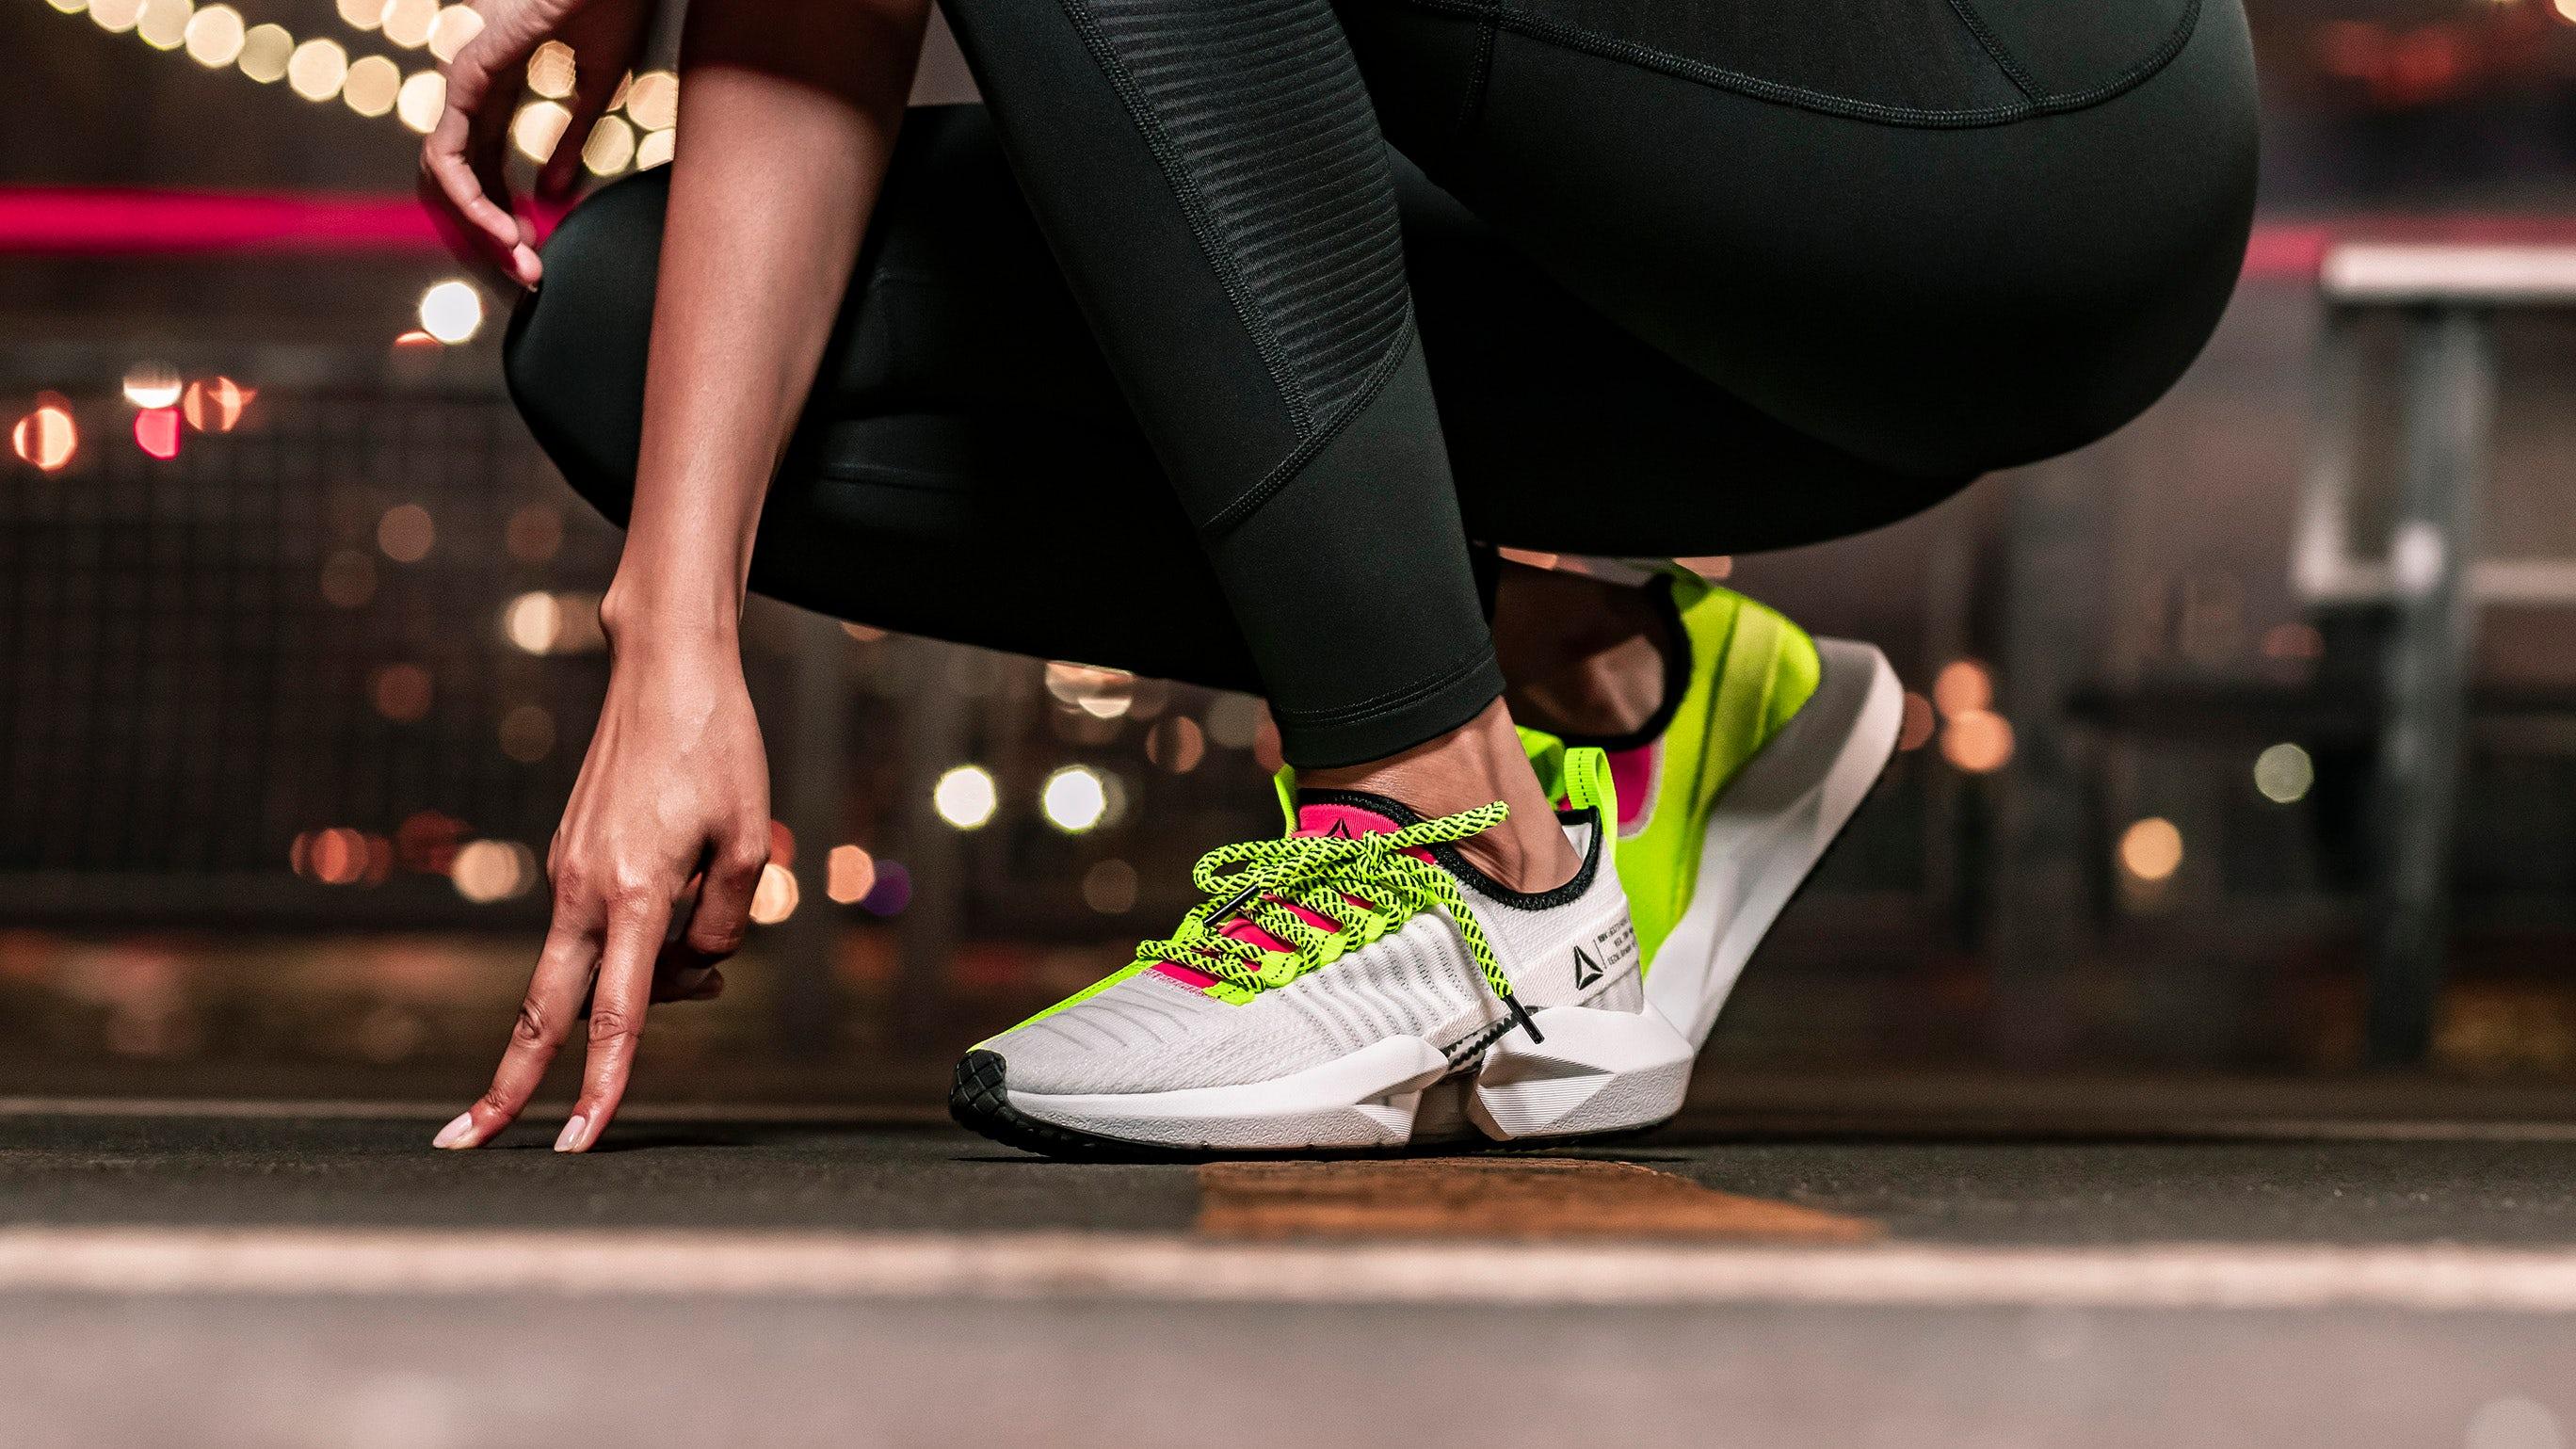 Adidas' Plan to Resurrect Reebok